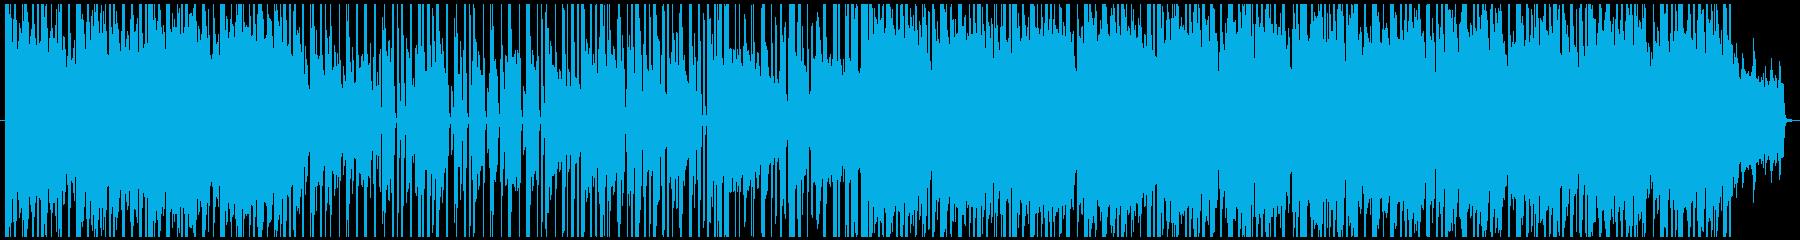 電子音と女性のコーラスが特徴的なポップスの再生済みの波形